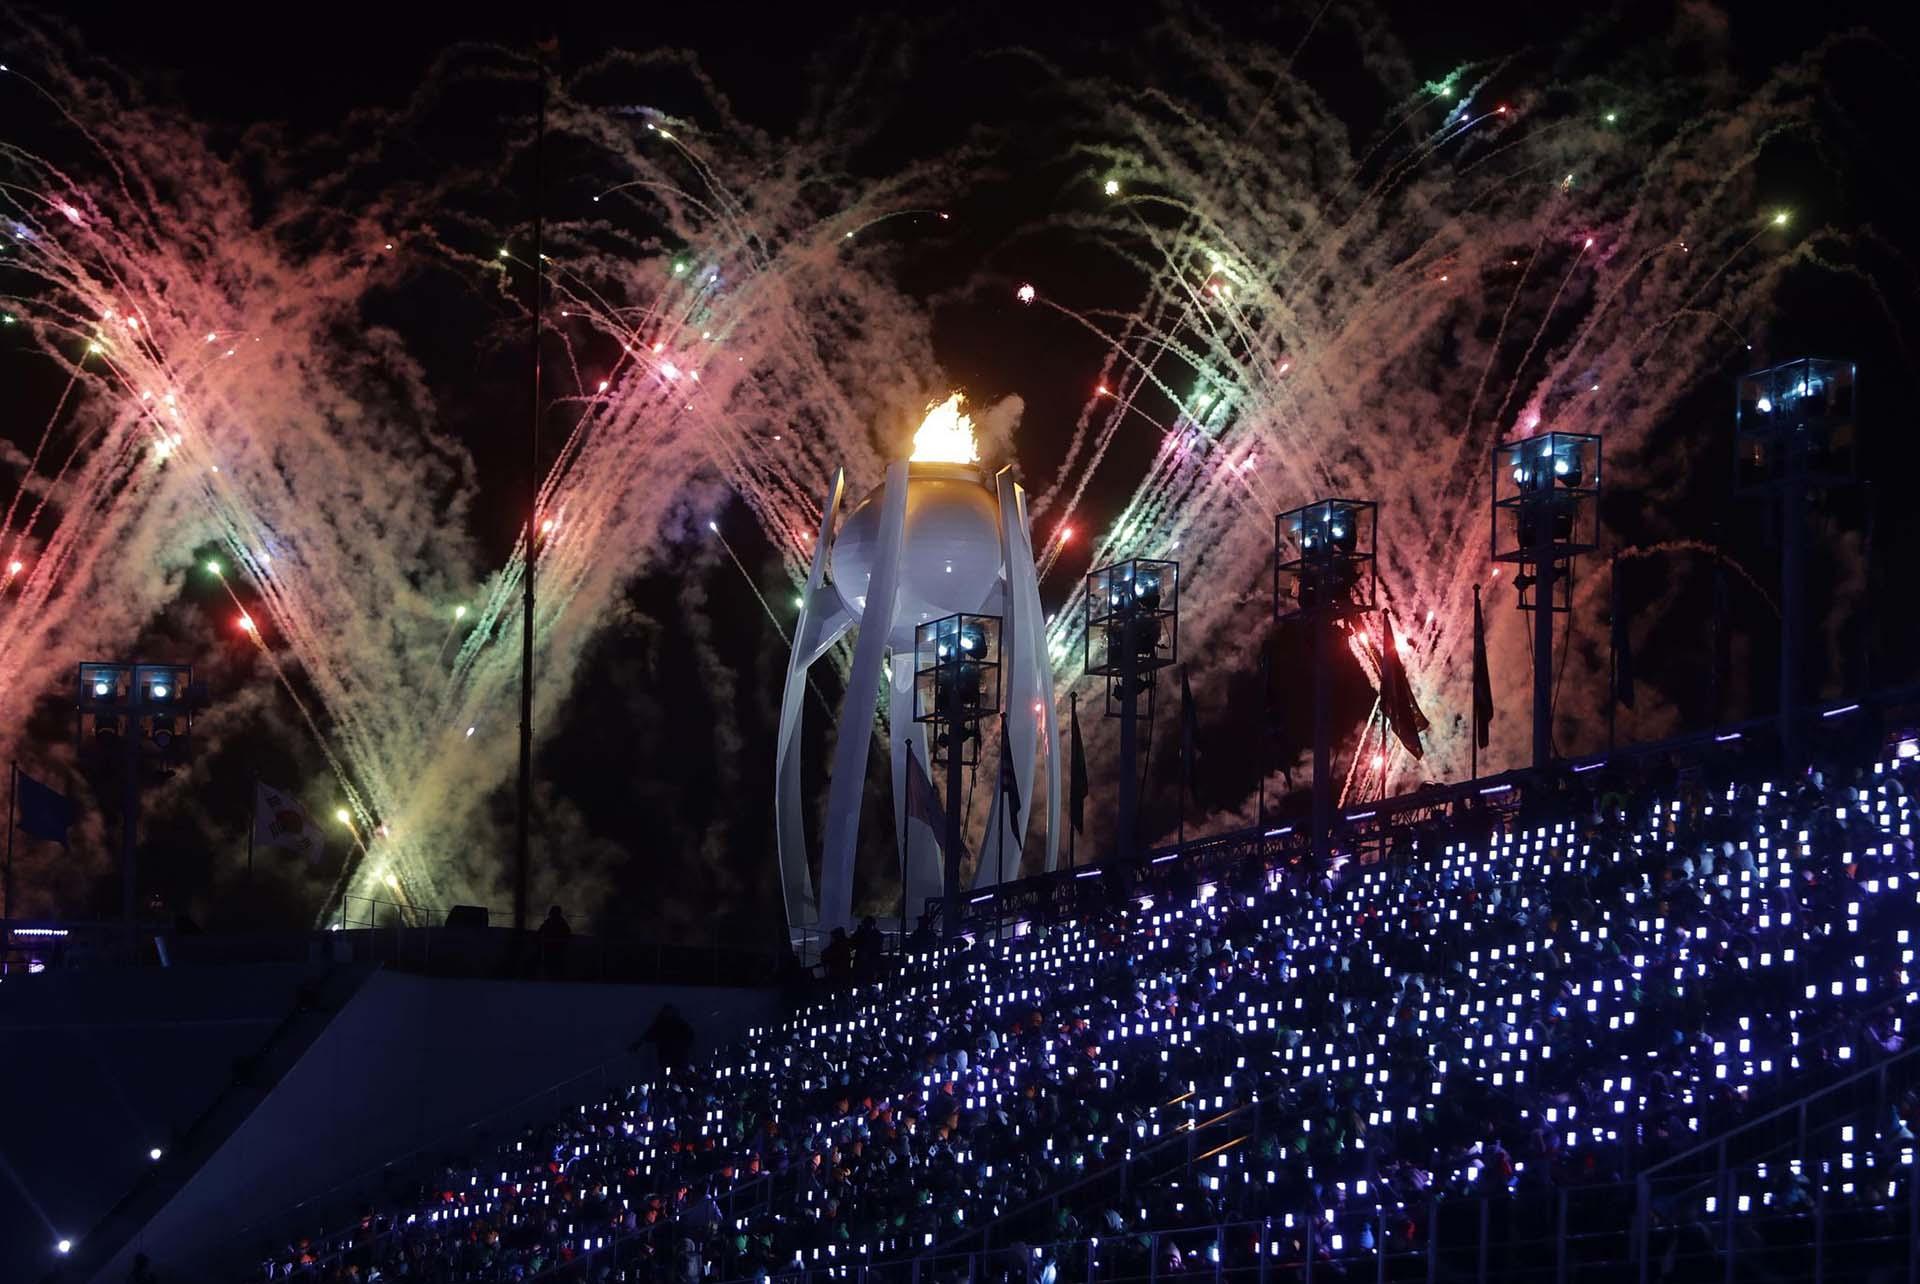 Fuegos artificiales explotan sobre el estadio de Pyeongchang, Corea del Sur, en la ceremonia de clausura de los Juegos Olímpicos de Invierno el 25 de febrero